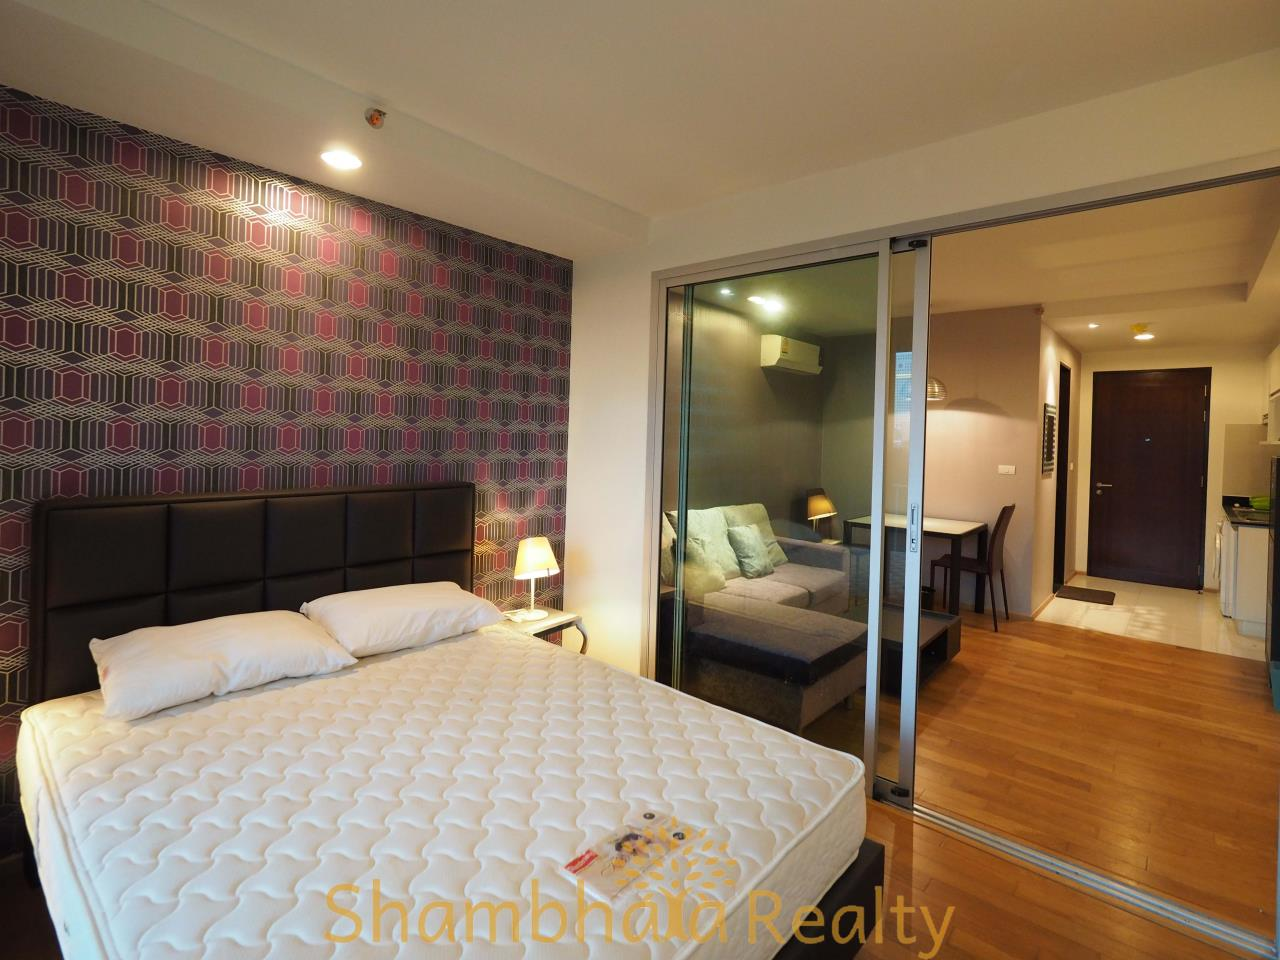 Shambhala Realty Agency's Abstract Condominium for Rent in Phaholyothin 8